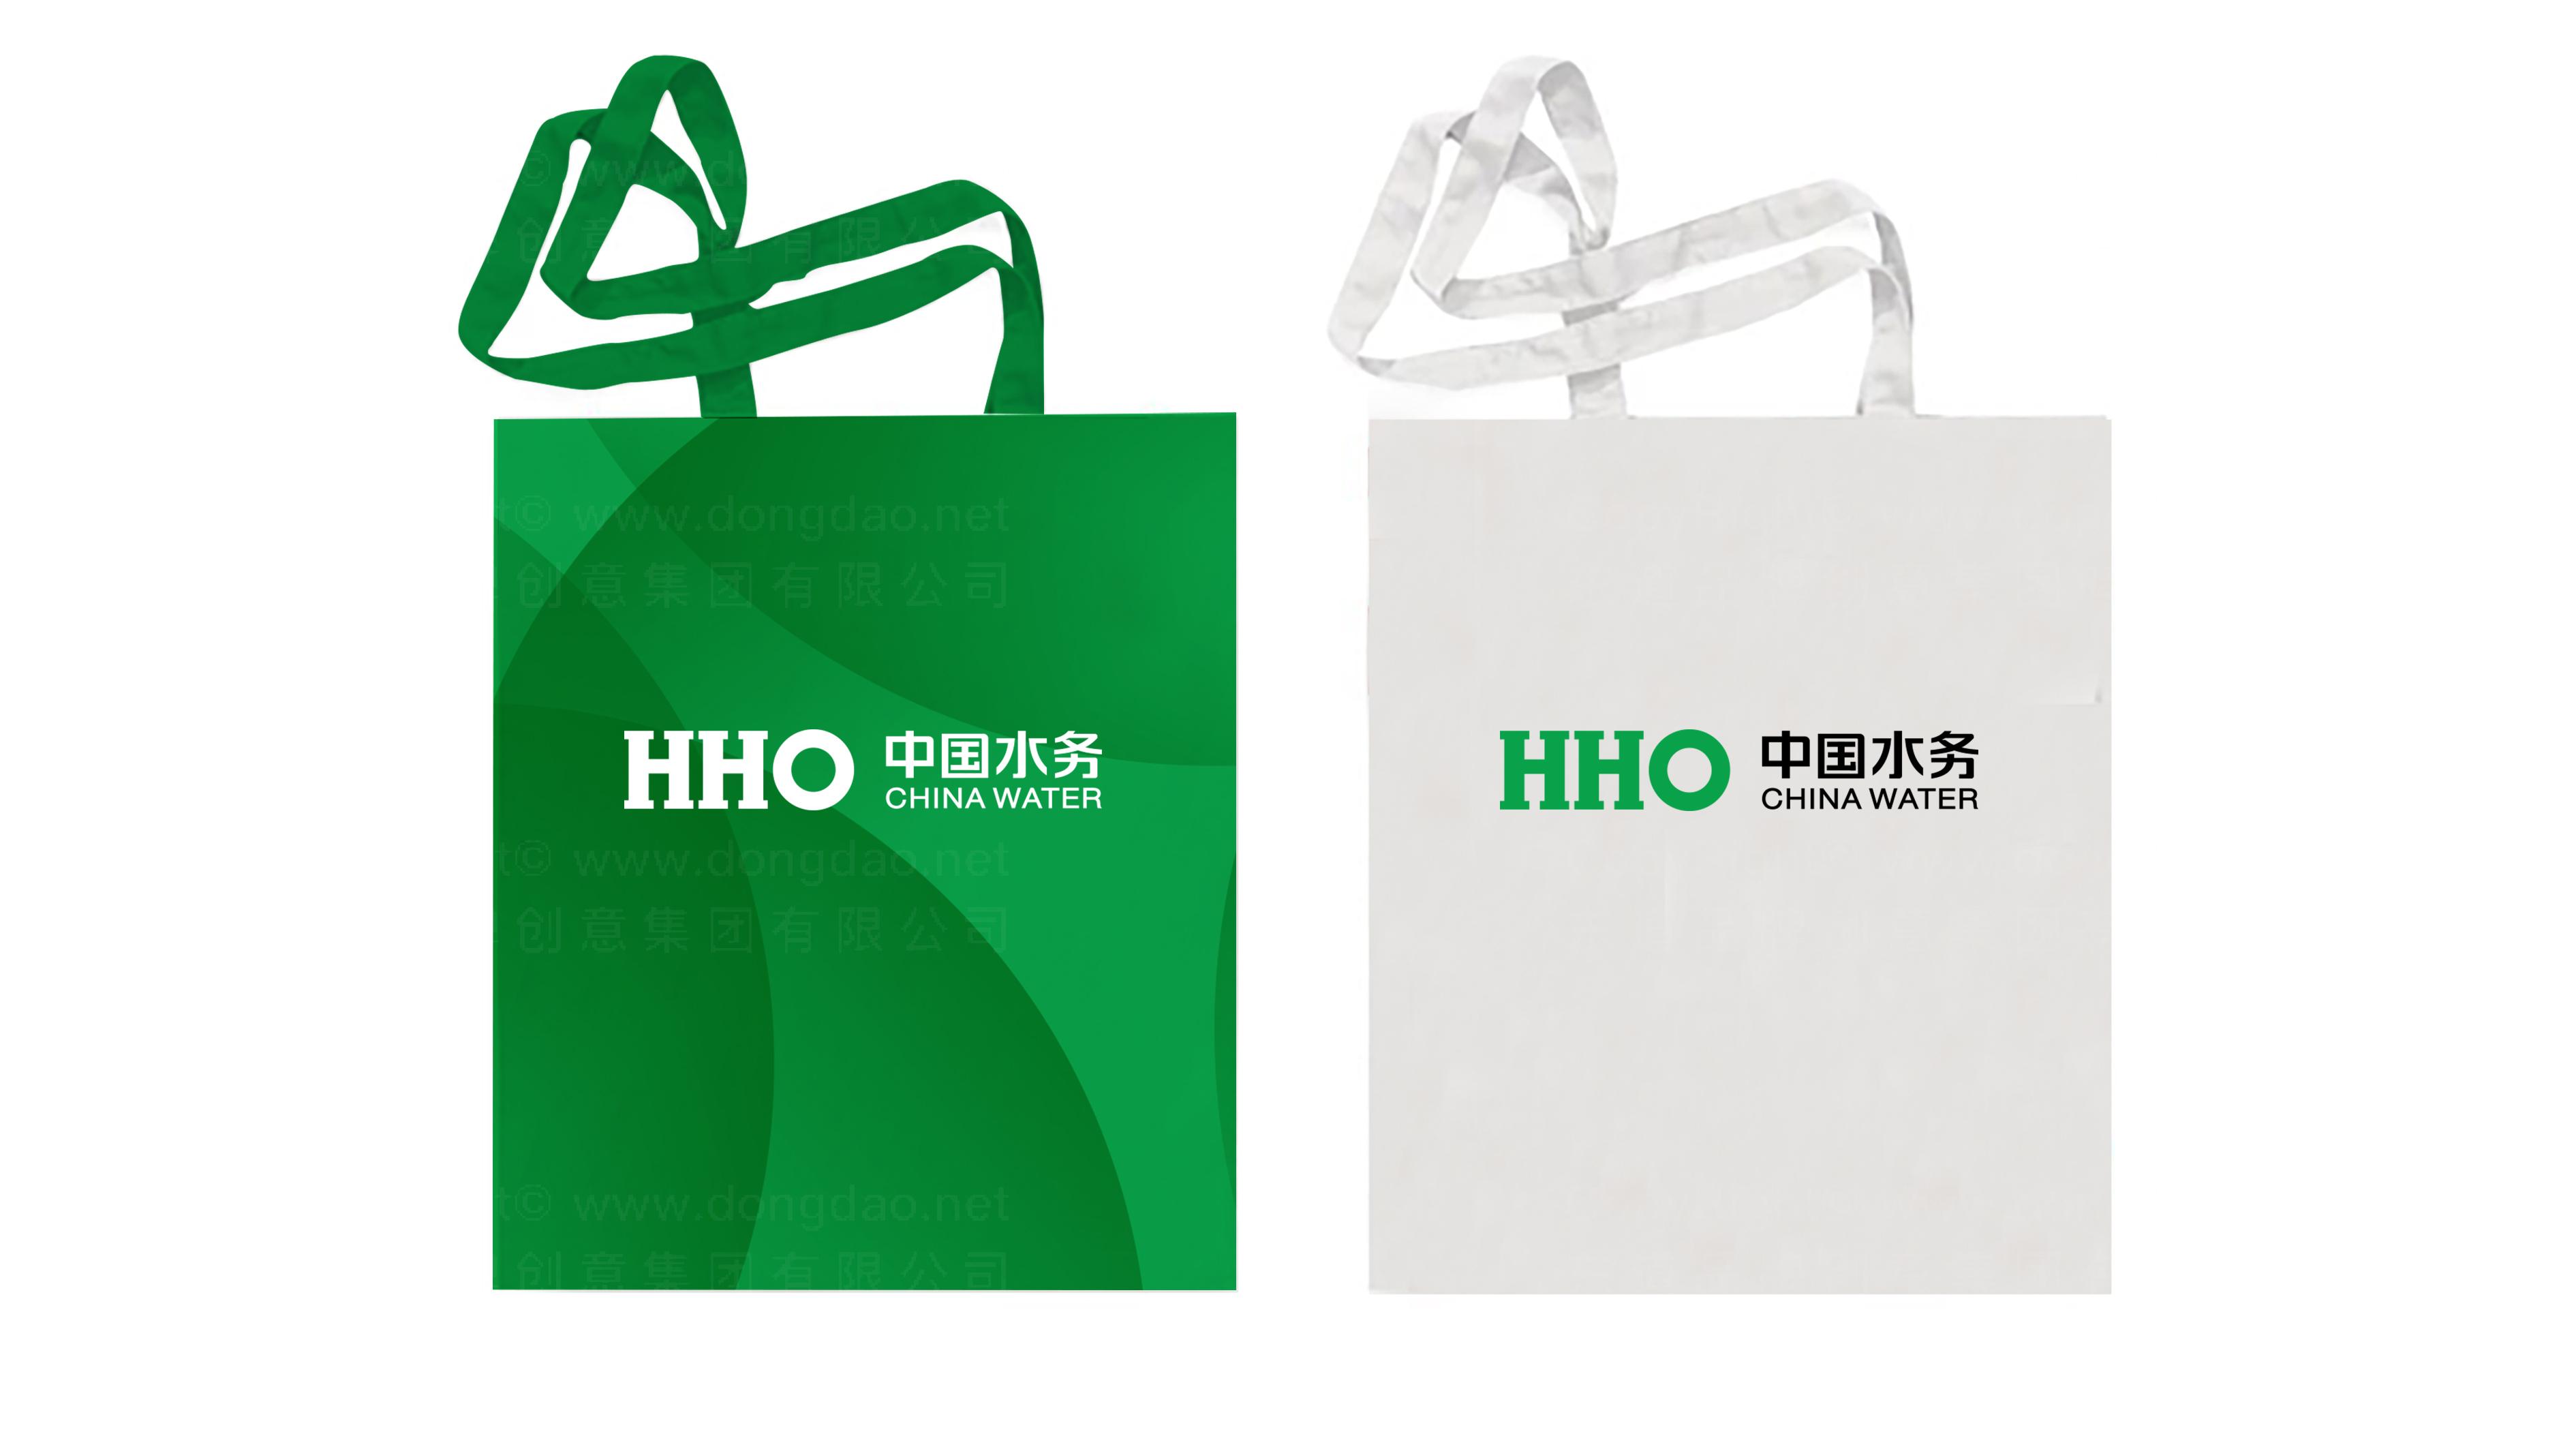 品牌设计中国水务标志设计应用场景_9